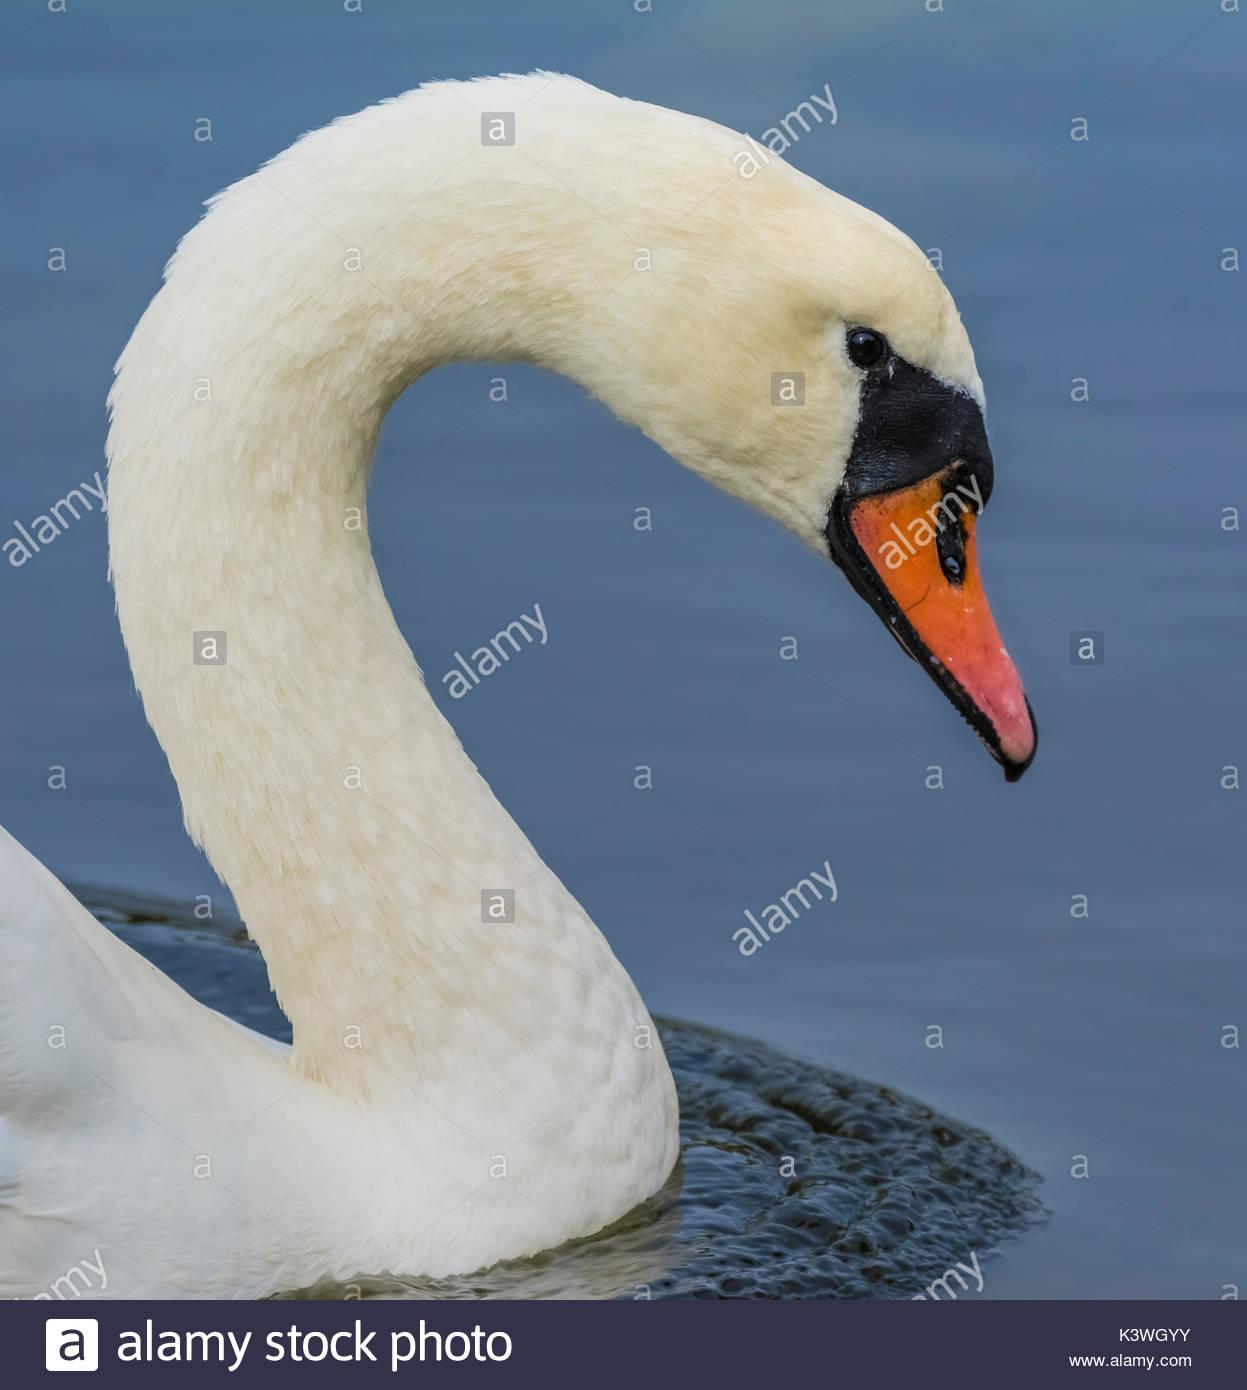 Weißer Höckerschwan (Cygnus olor) Kopf und Hals aus der Seitenansicht, Schwimmen in ruhigen blauen Wasser im Vereinigten Königreich, im Hochformat. Stockbild